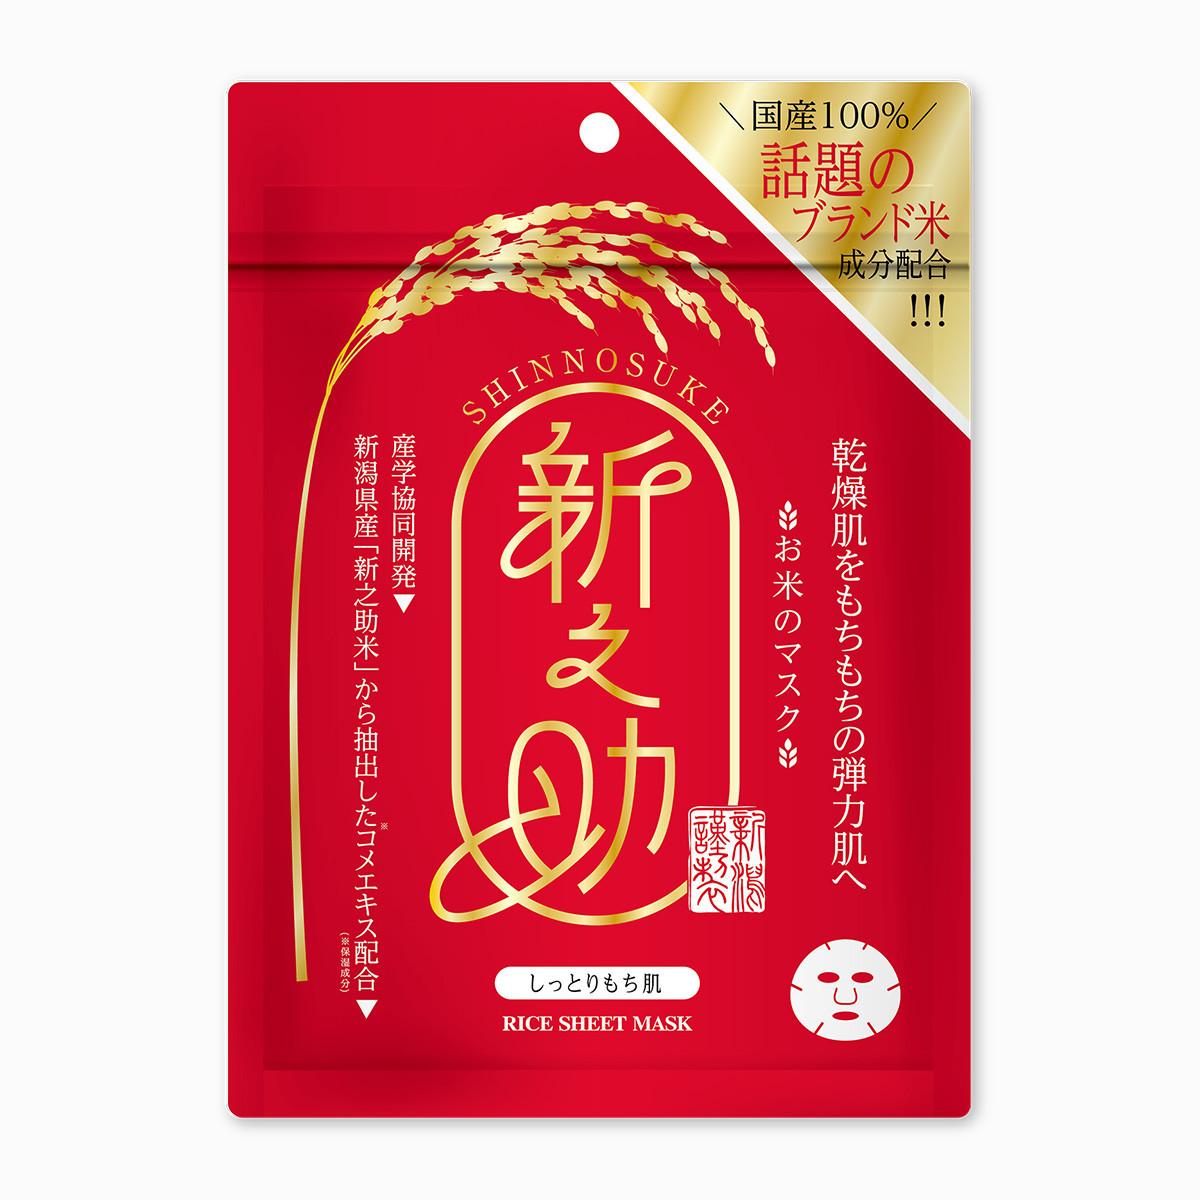 Puresmile Shinnosuke Rice Mask Hydrating 10pcs